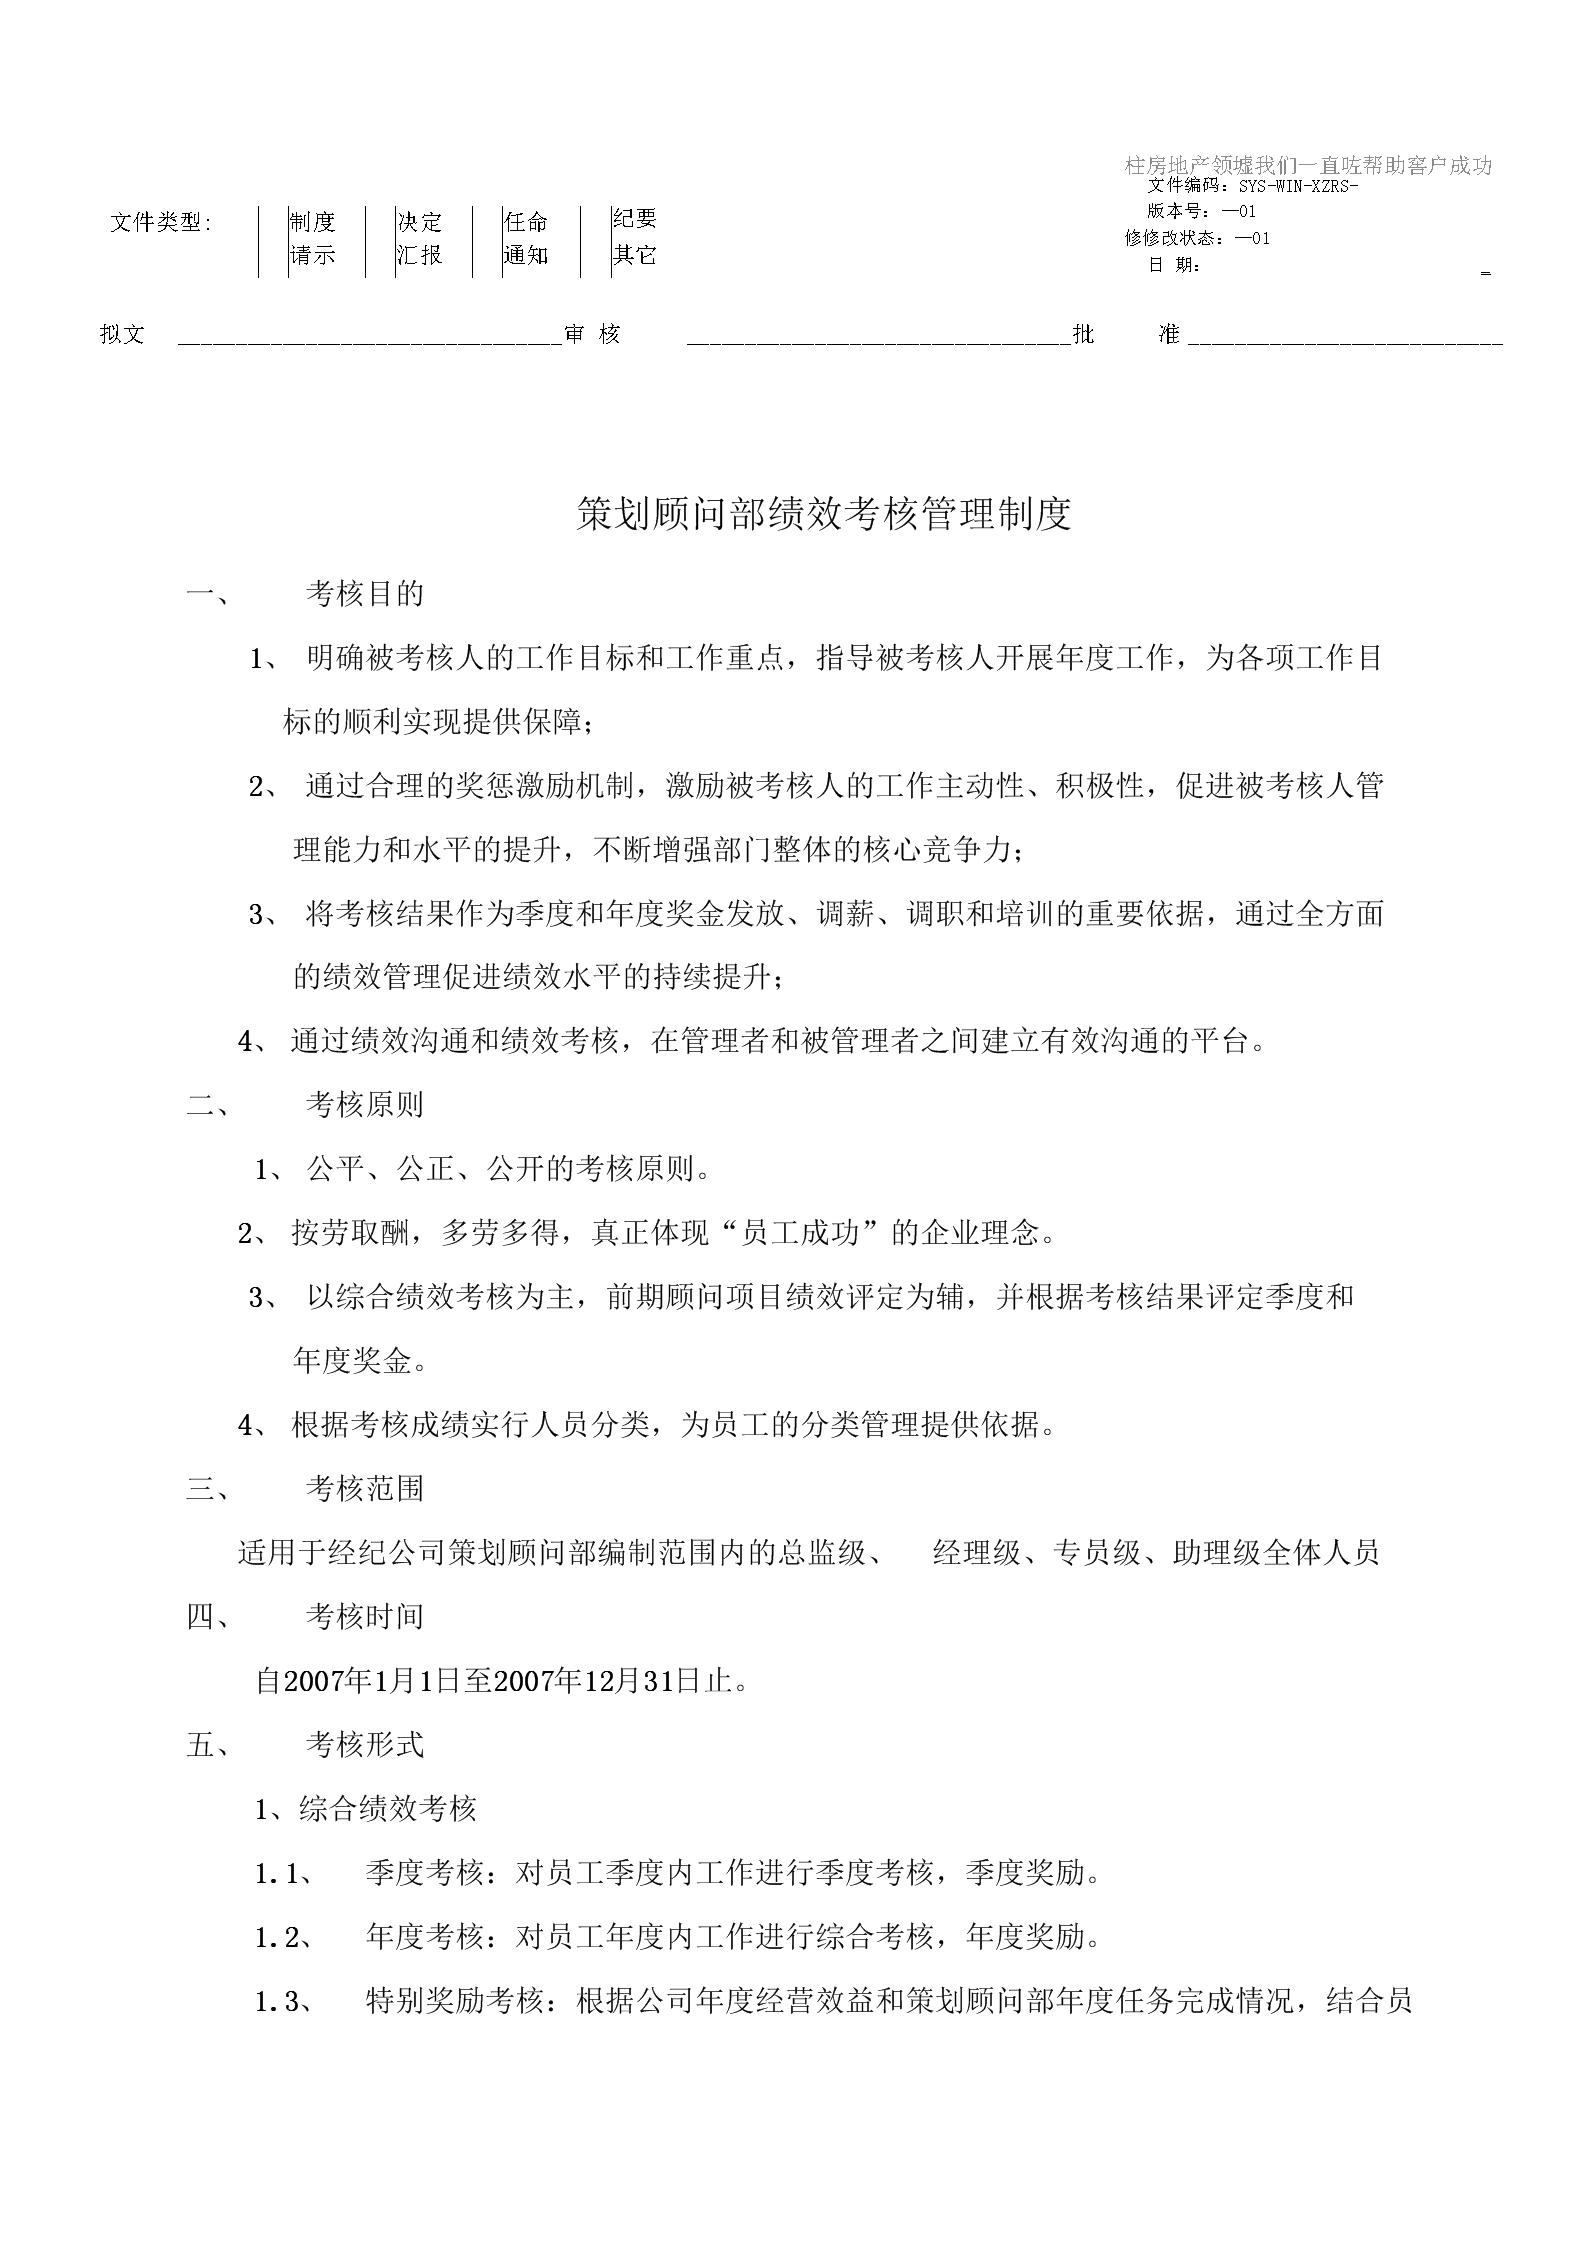 思源策划顾问部-策划顾问部绩效考核管理制度.docx